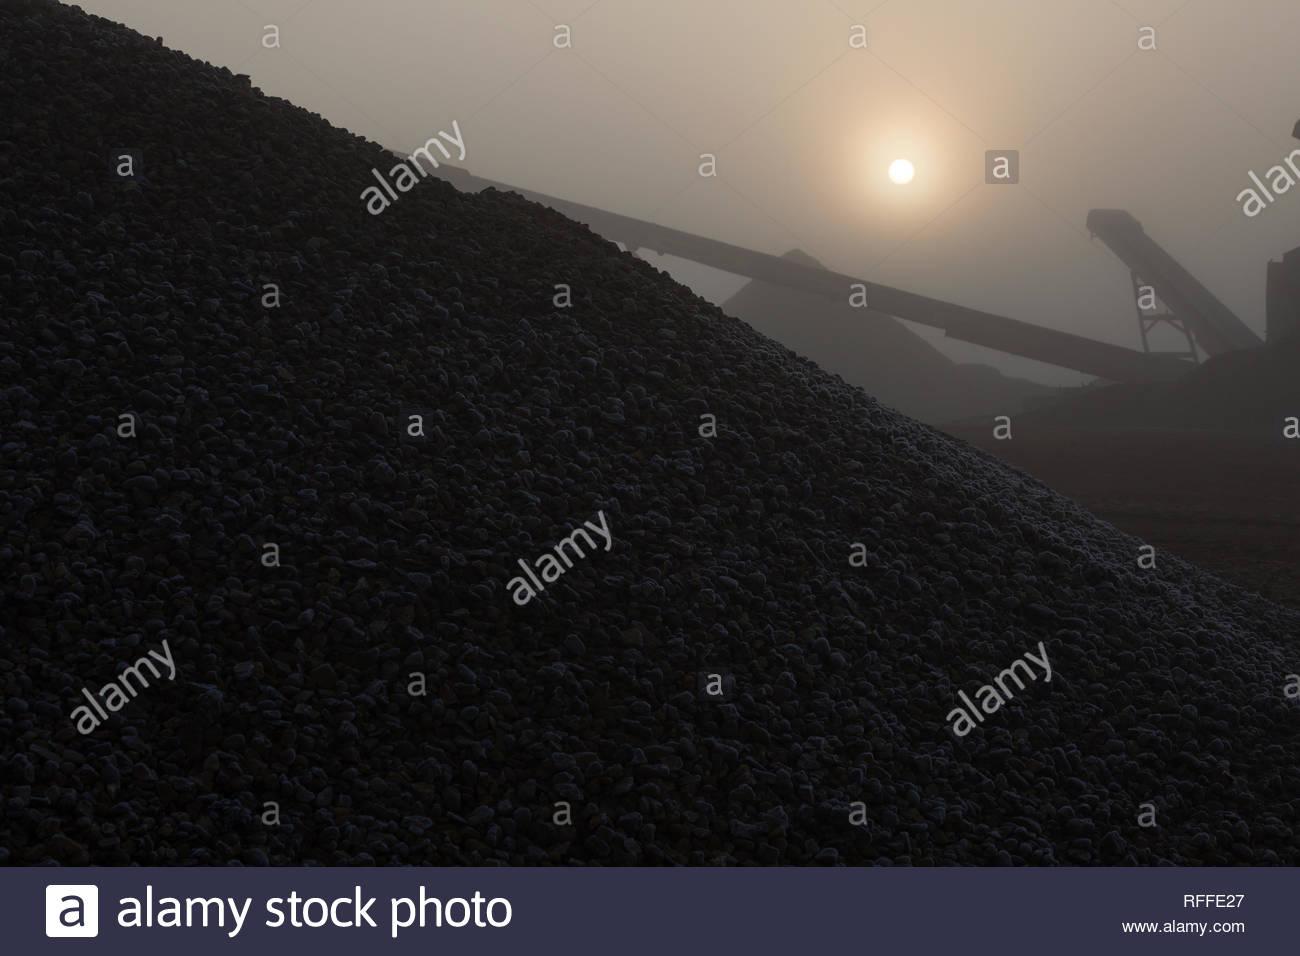 Montones de agregado en la niebla son silhoutted contra el sol de primera hora de la mañana Imagen De Stock